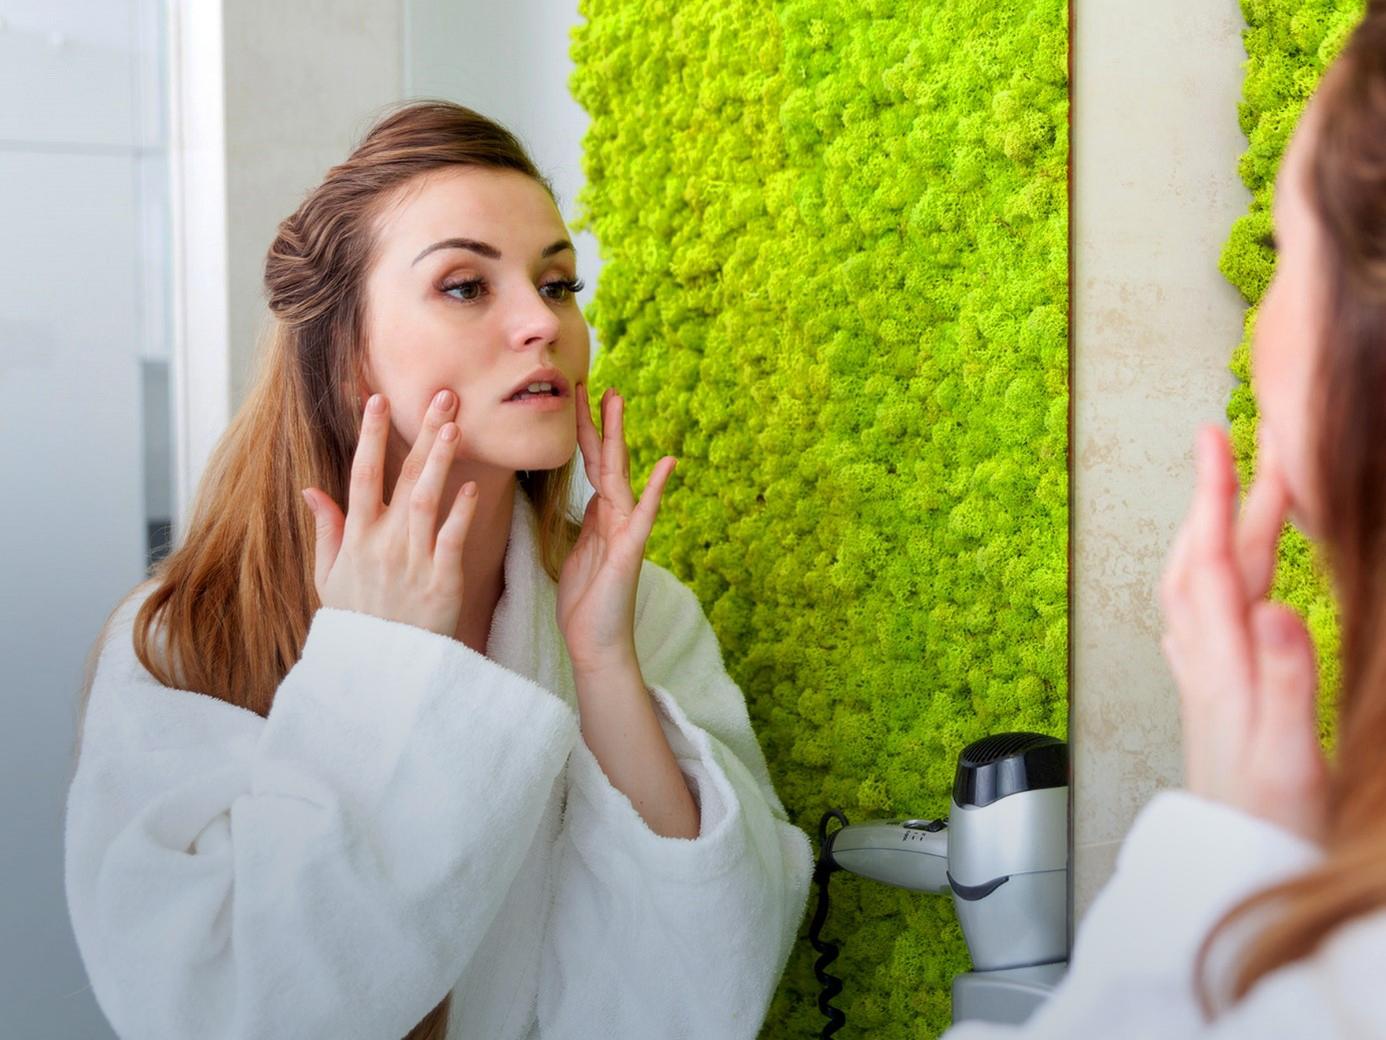 na czym polega proces starzenia się skóry i jak można go spowolnić?